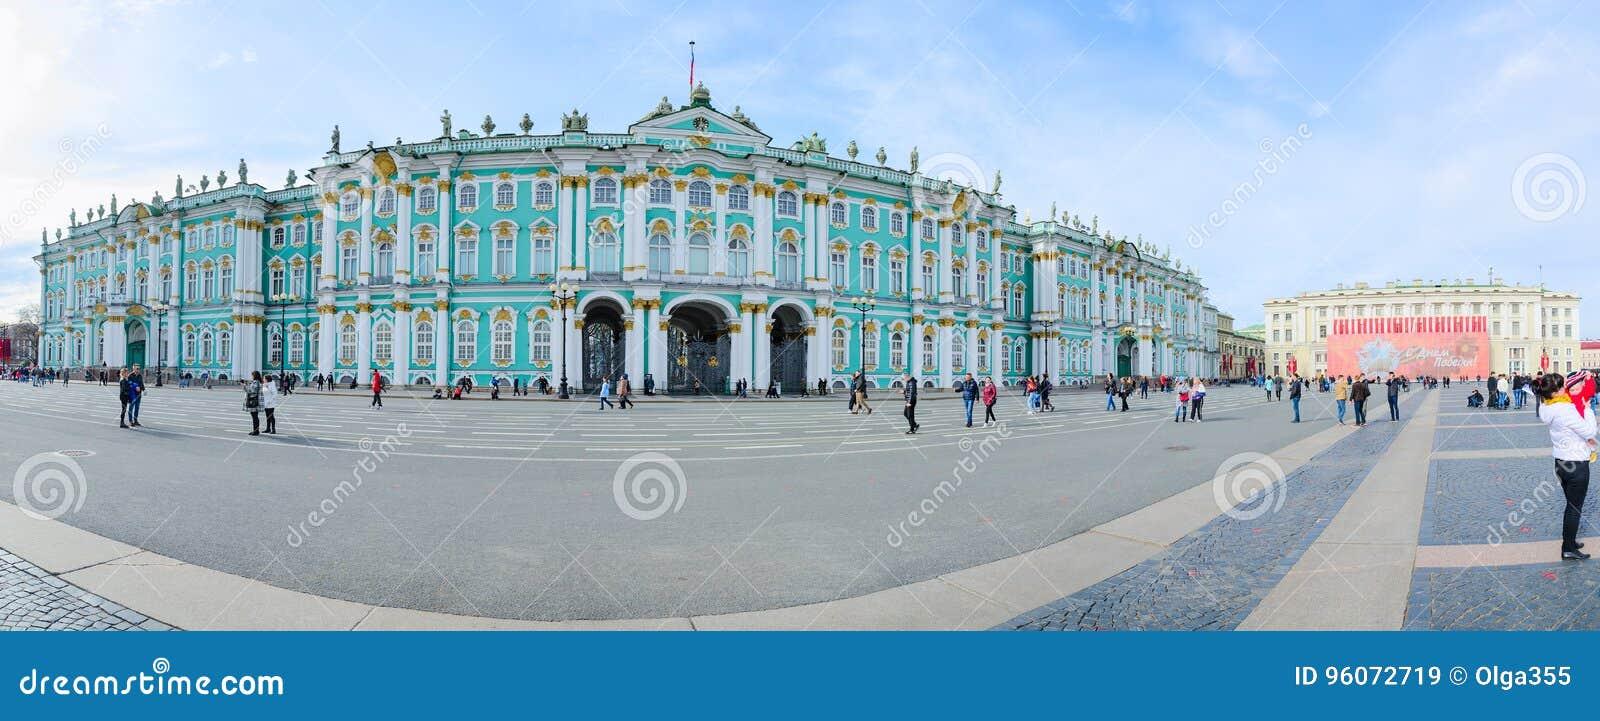 Χειμερινό παλάτι Μουσείων Ερμιτάζ, τετράγωνο παλατιών, Αγία Πετρούπολη, Ρωσία